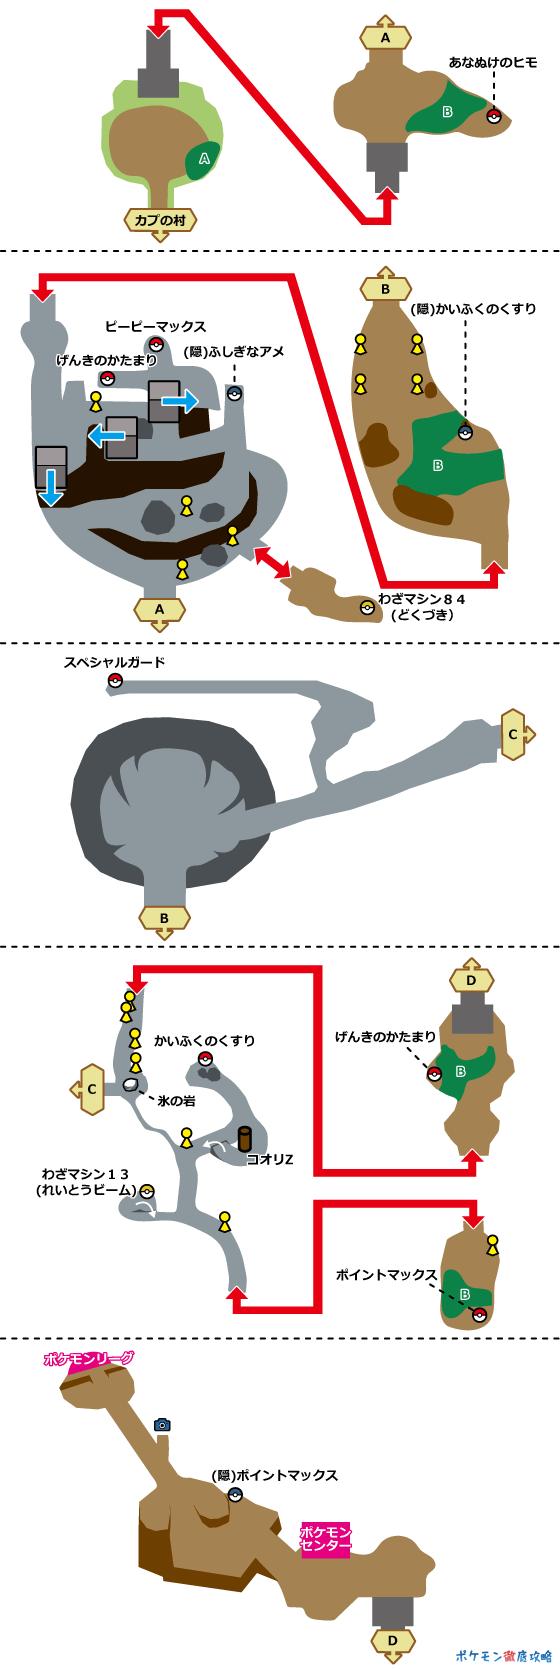 ウルトラサンムーン 攻略チャート